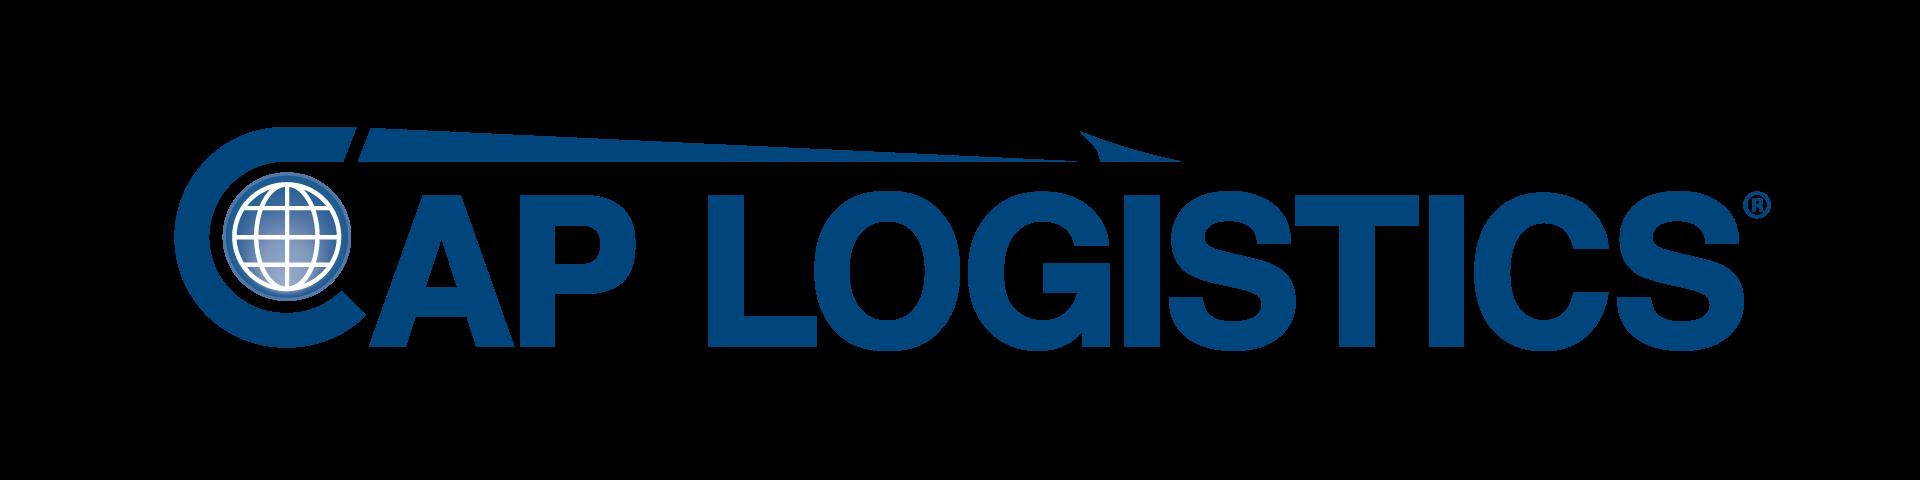 CAP_logistics-logo